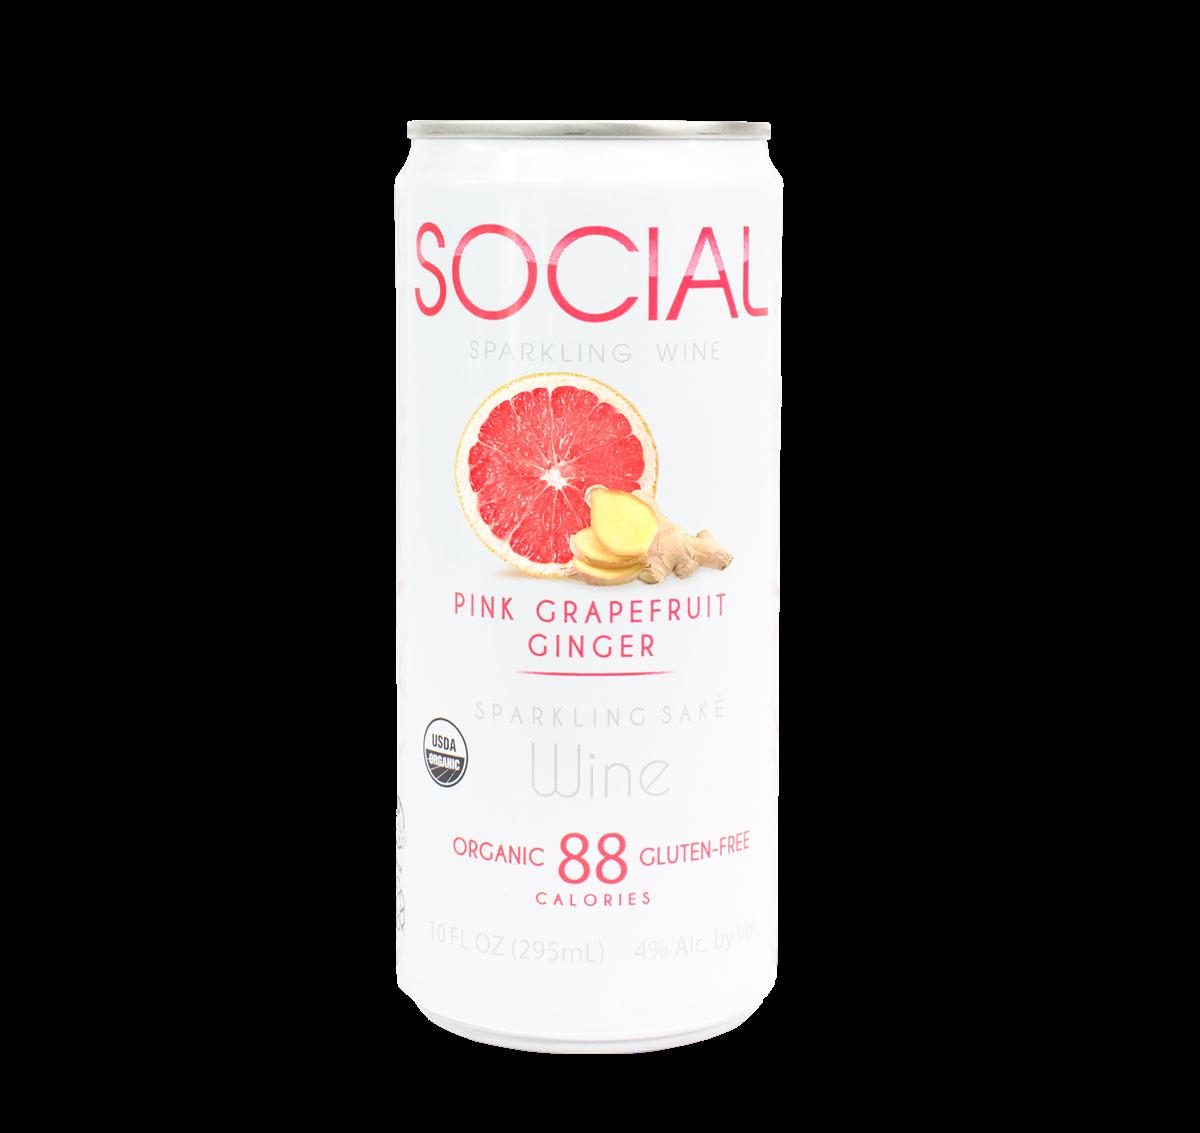 SOCIAL Pink Grapefruit Ginger Sparkling Wine